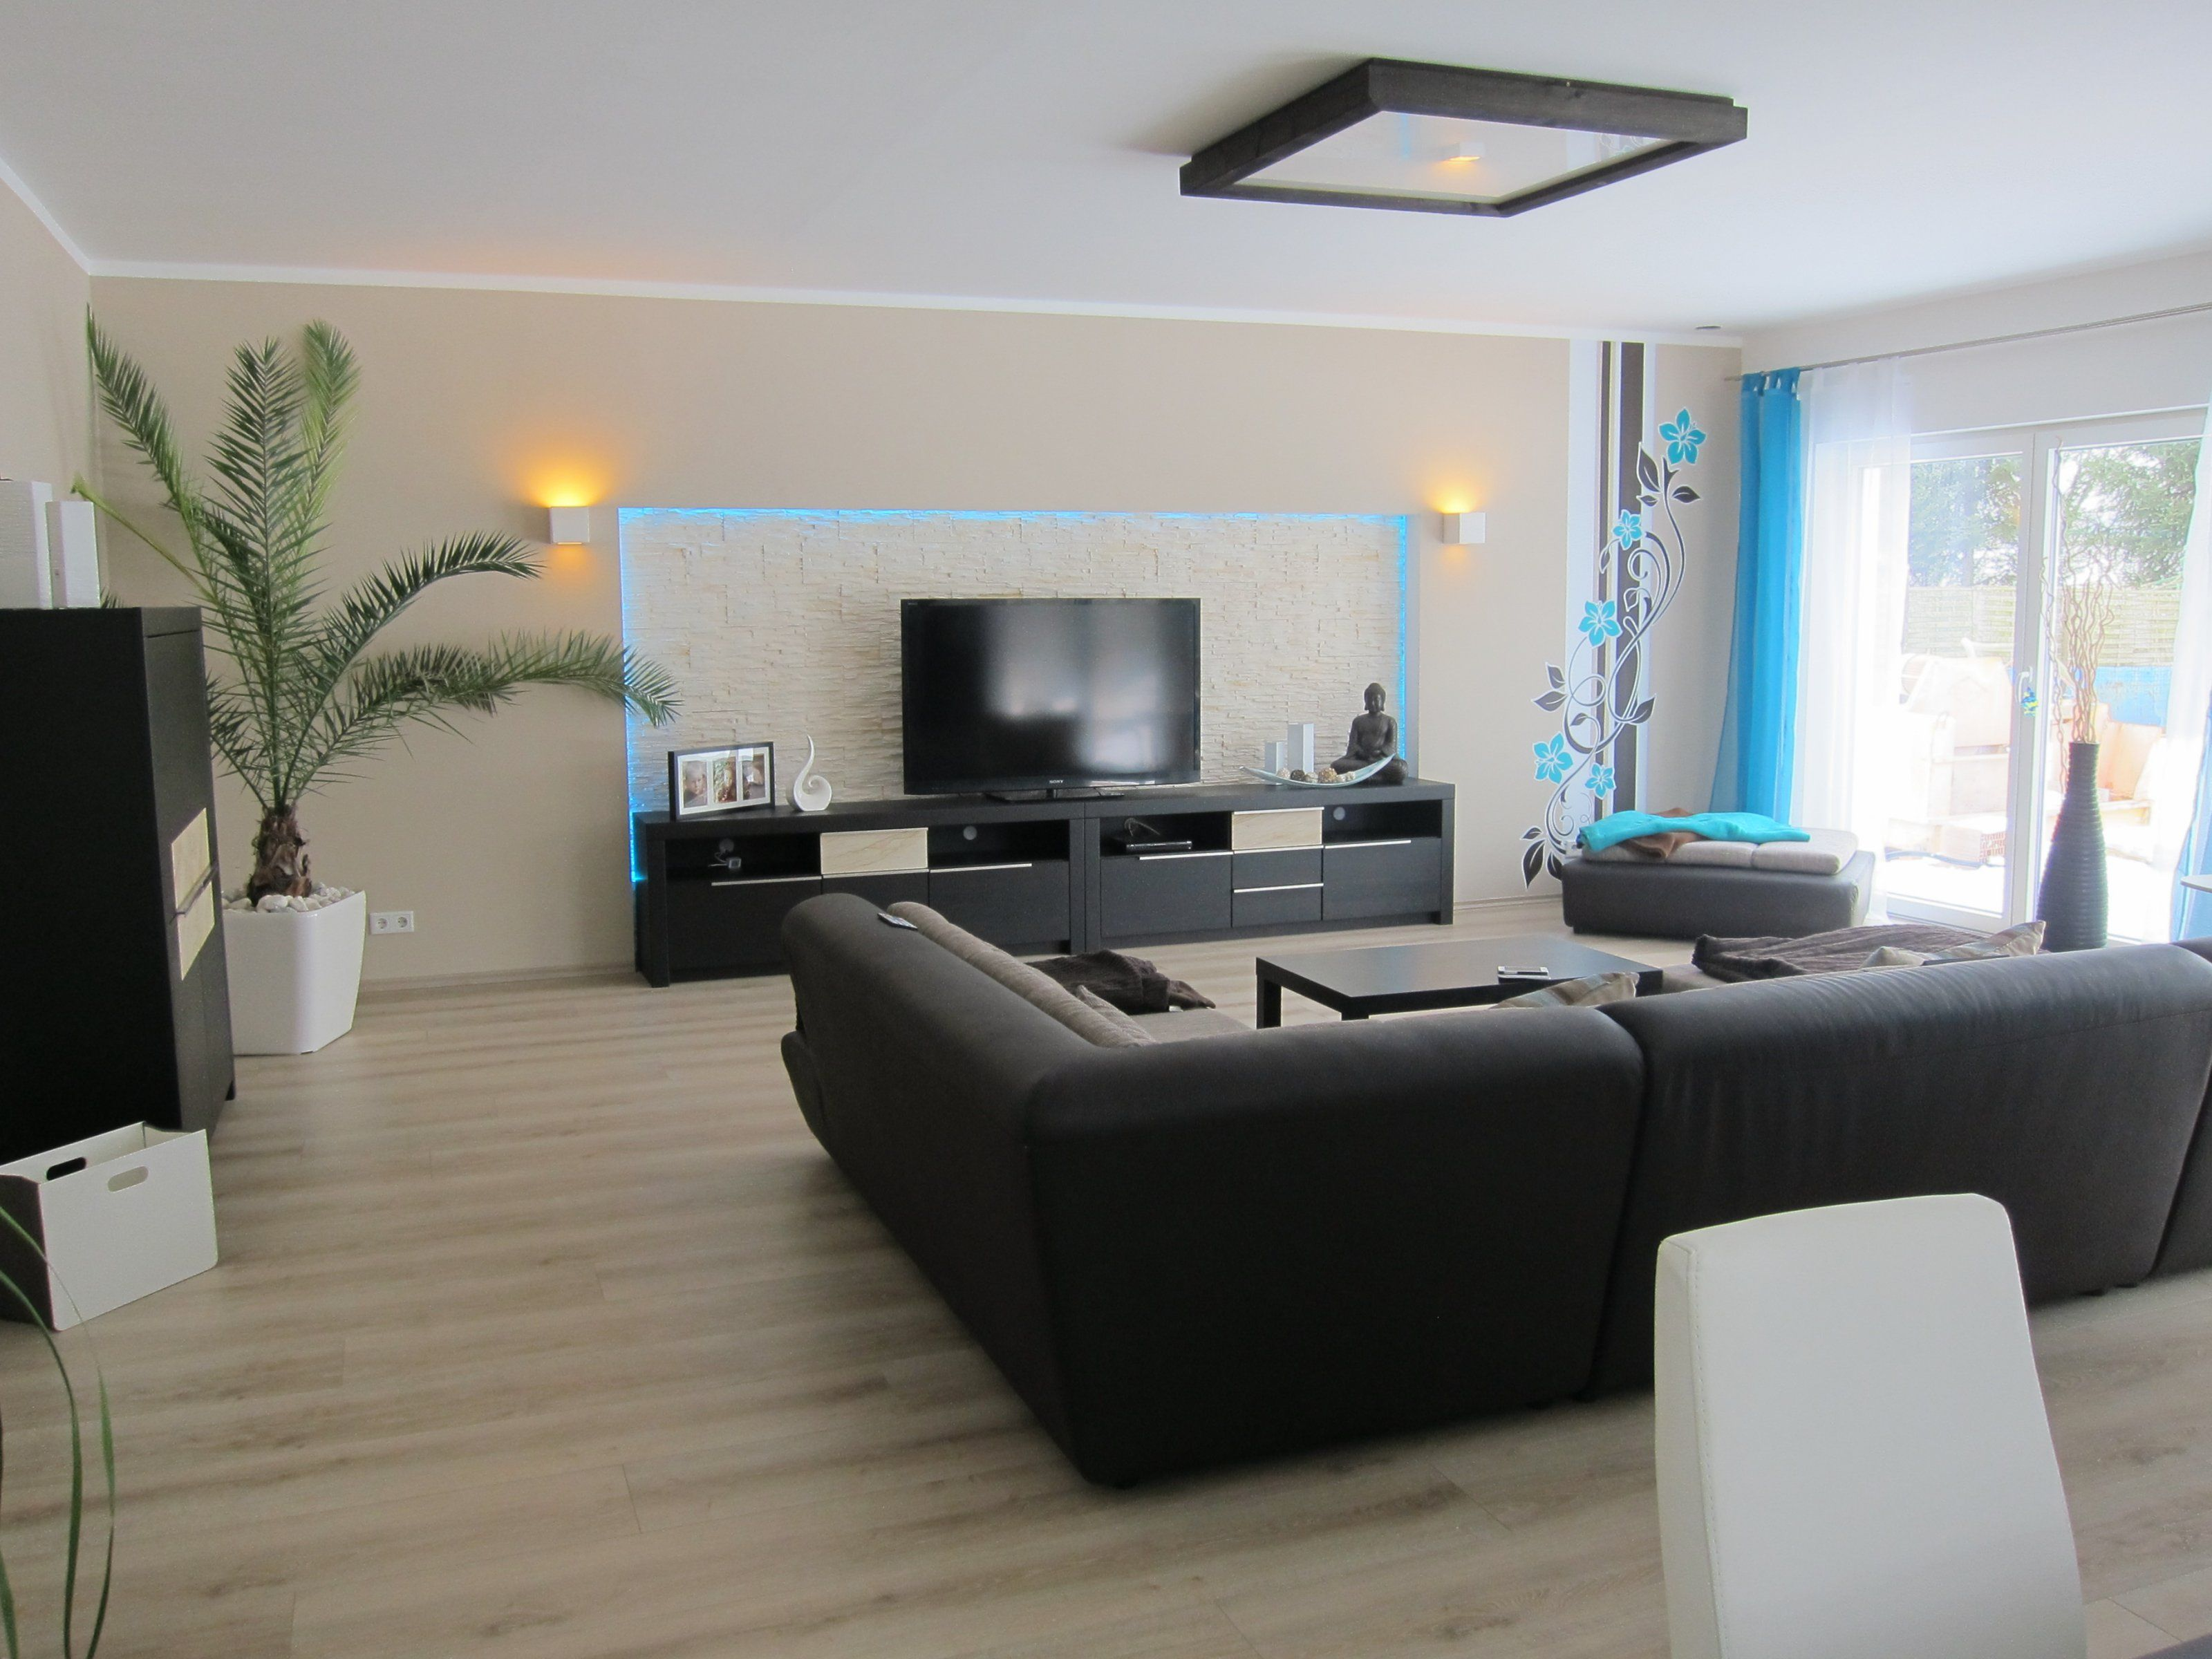 Traum wohnzimmer beispiele